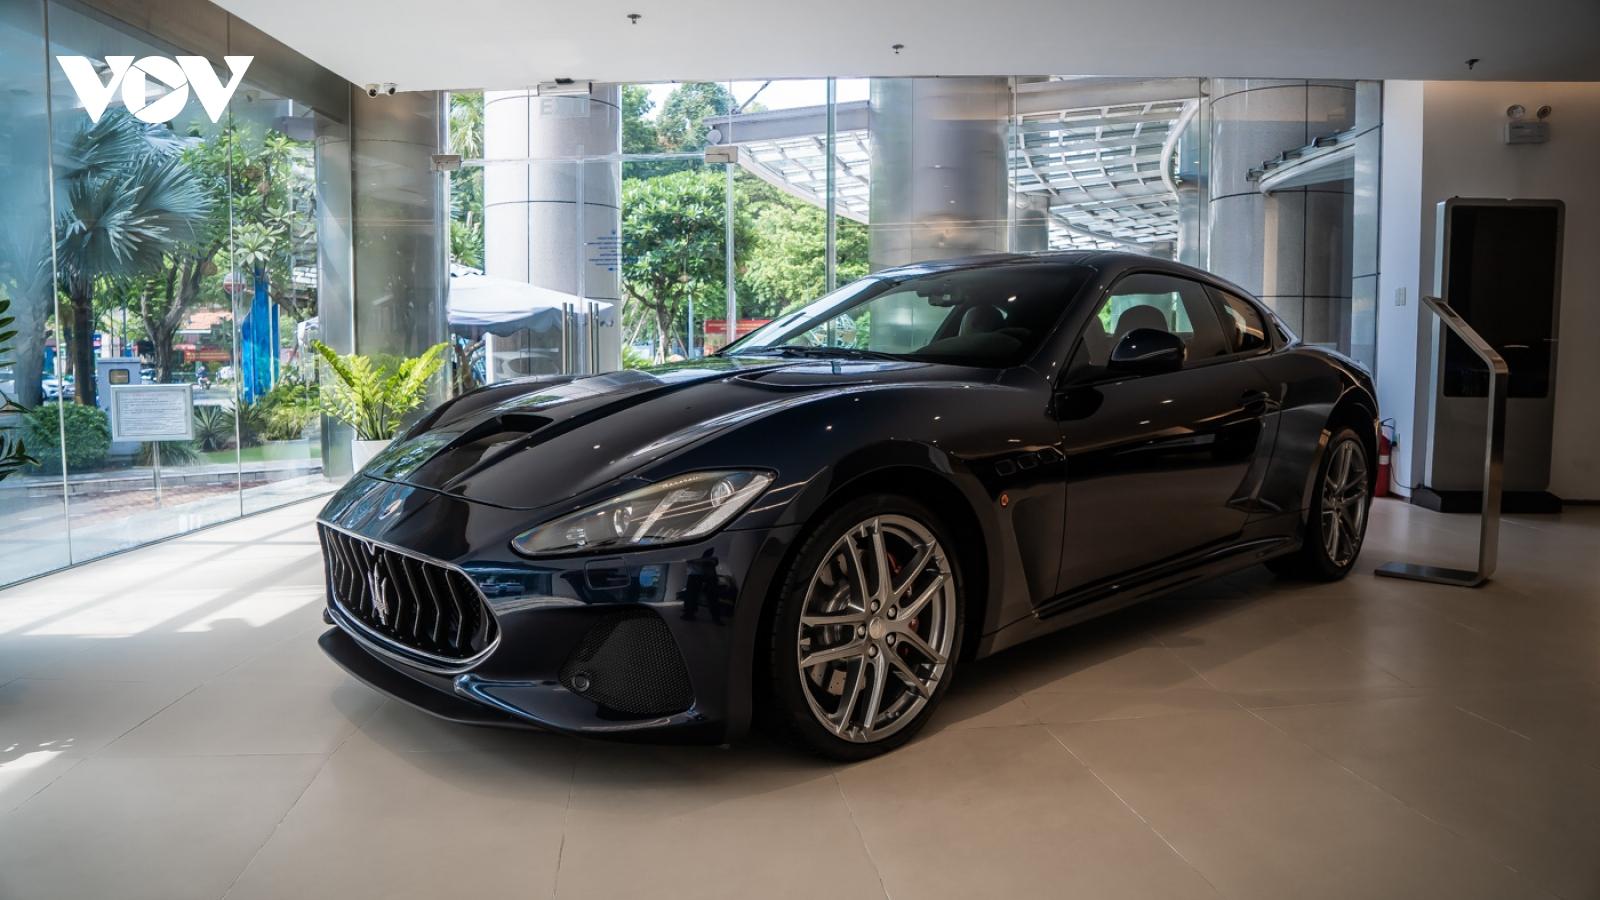 Cận cảnh Maserati GranTurismo bản nâng cấp giá gần 14 tỷ đồng tại Việt Nam